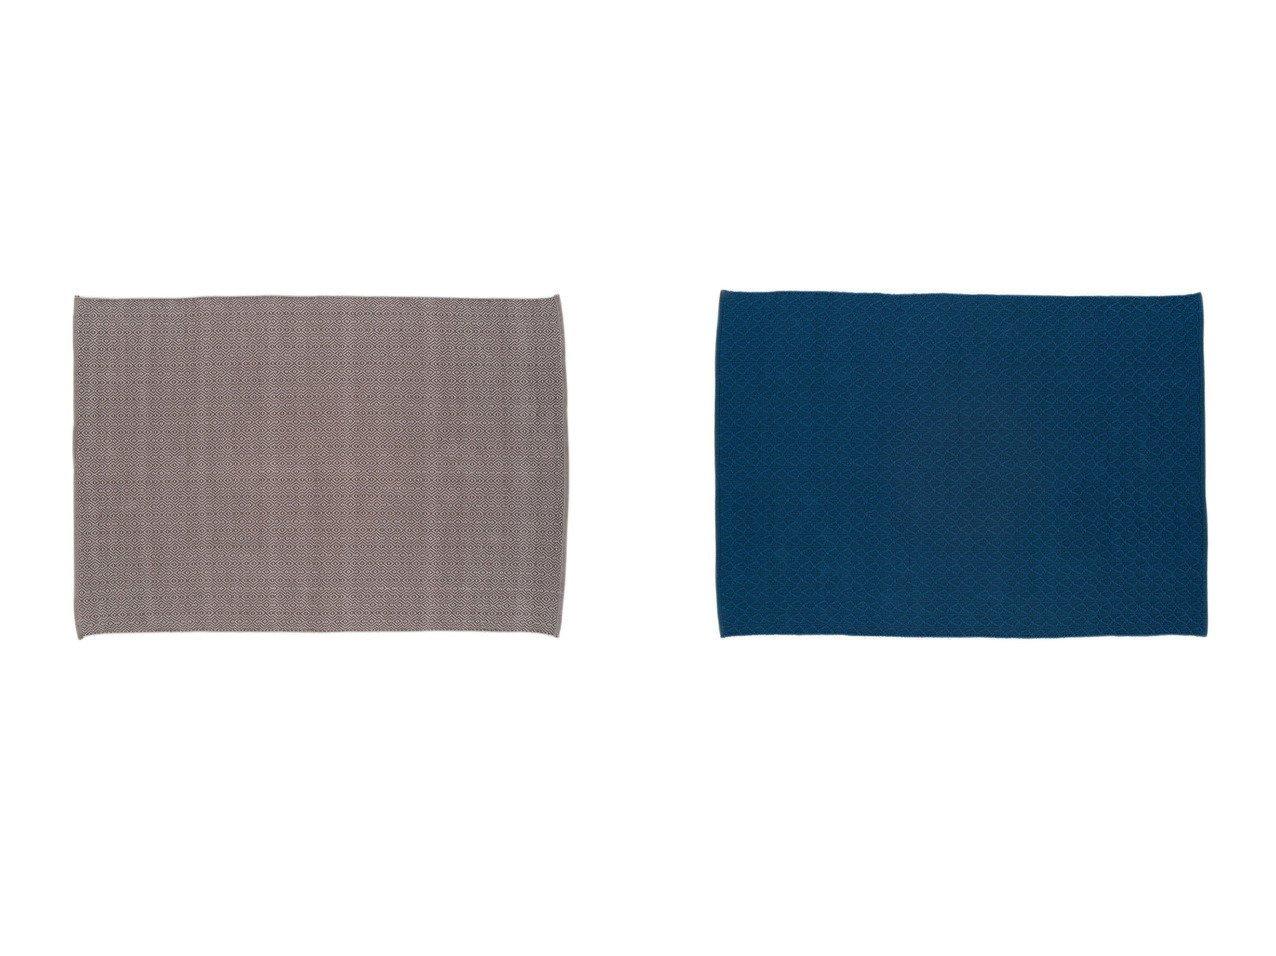 【FLYMEe vert/フライミー ヴェール】のラグ n7338&ラグ n7340 【ラグ・絨毯・カーペット お家時間 FURNITURE】おすすめ!人気、インテリア雑貨・家具の通販 おすすめで人気の流行・トレンド、ファッションの通販商品 インテリア・家具・メンズファッション・キッズファッション・レディースファッション・服の通販 founy(ファニー) https://founy.com/ 送料無料 Free Shipping おすすめ Recommend パターン シンプル |ID:crp329100000054347